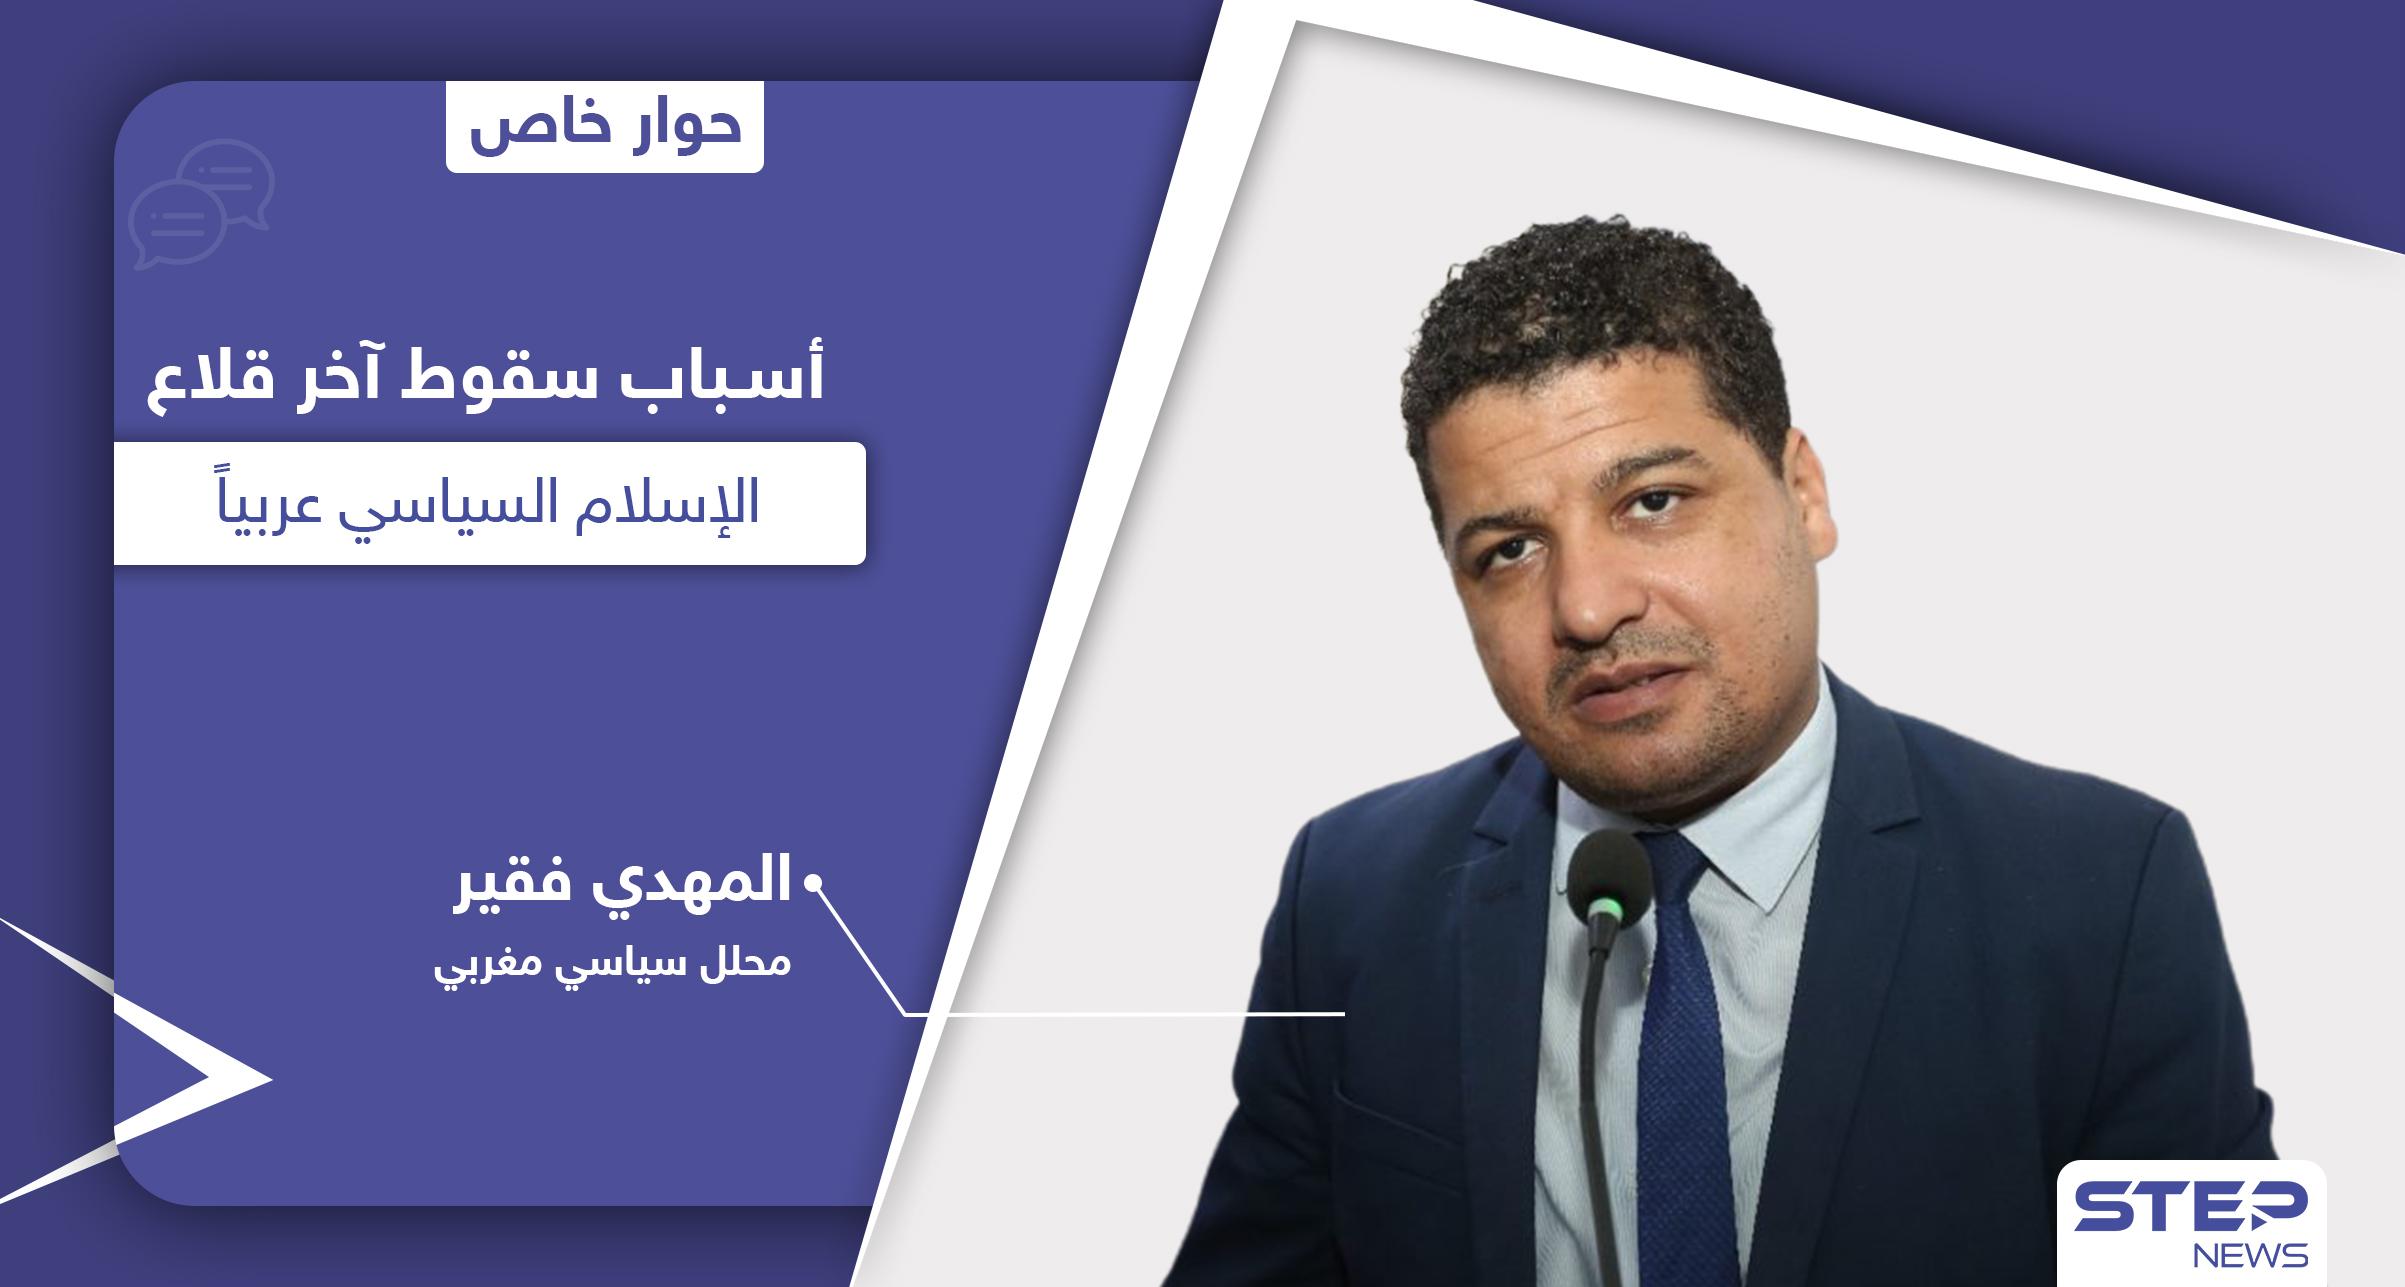 أسباب خسارة حزب العدالة والتنمية في المغرب